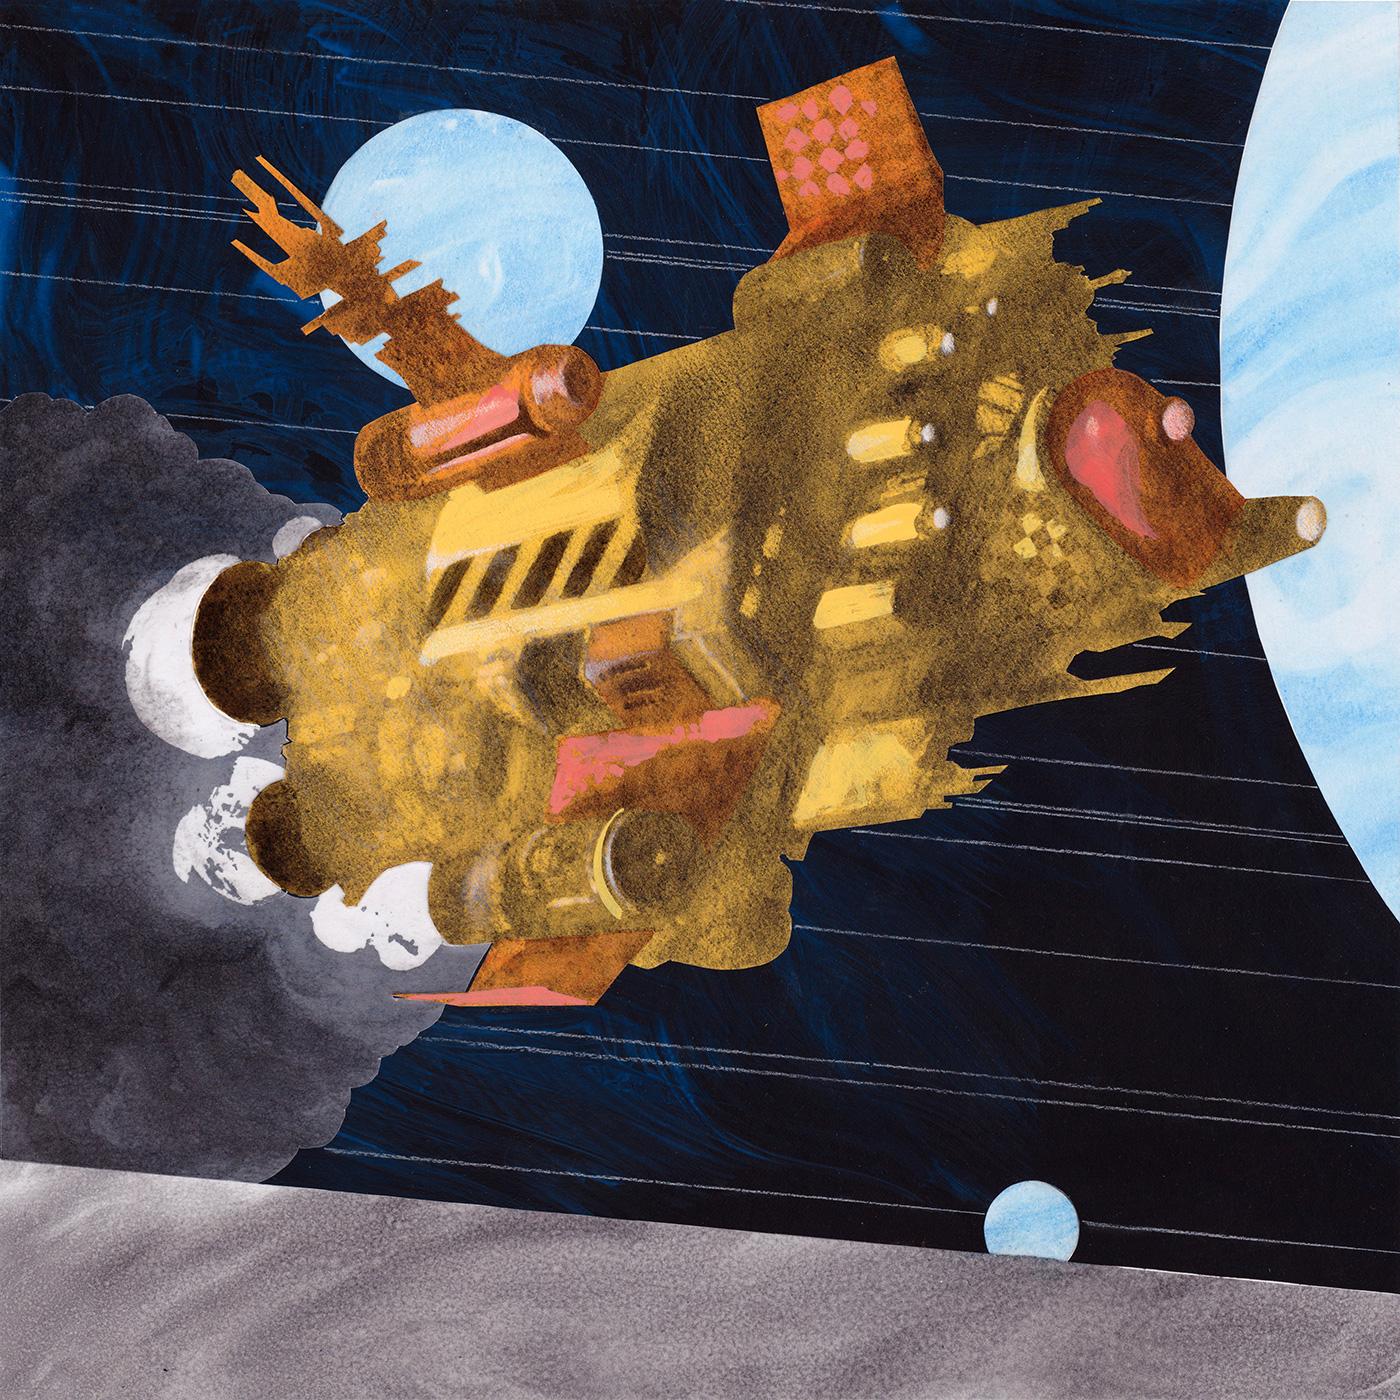 Scheruebel__Stellar_Spaceship